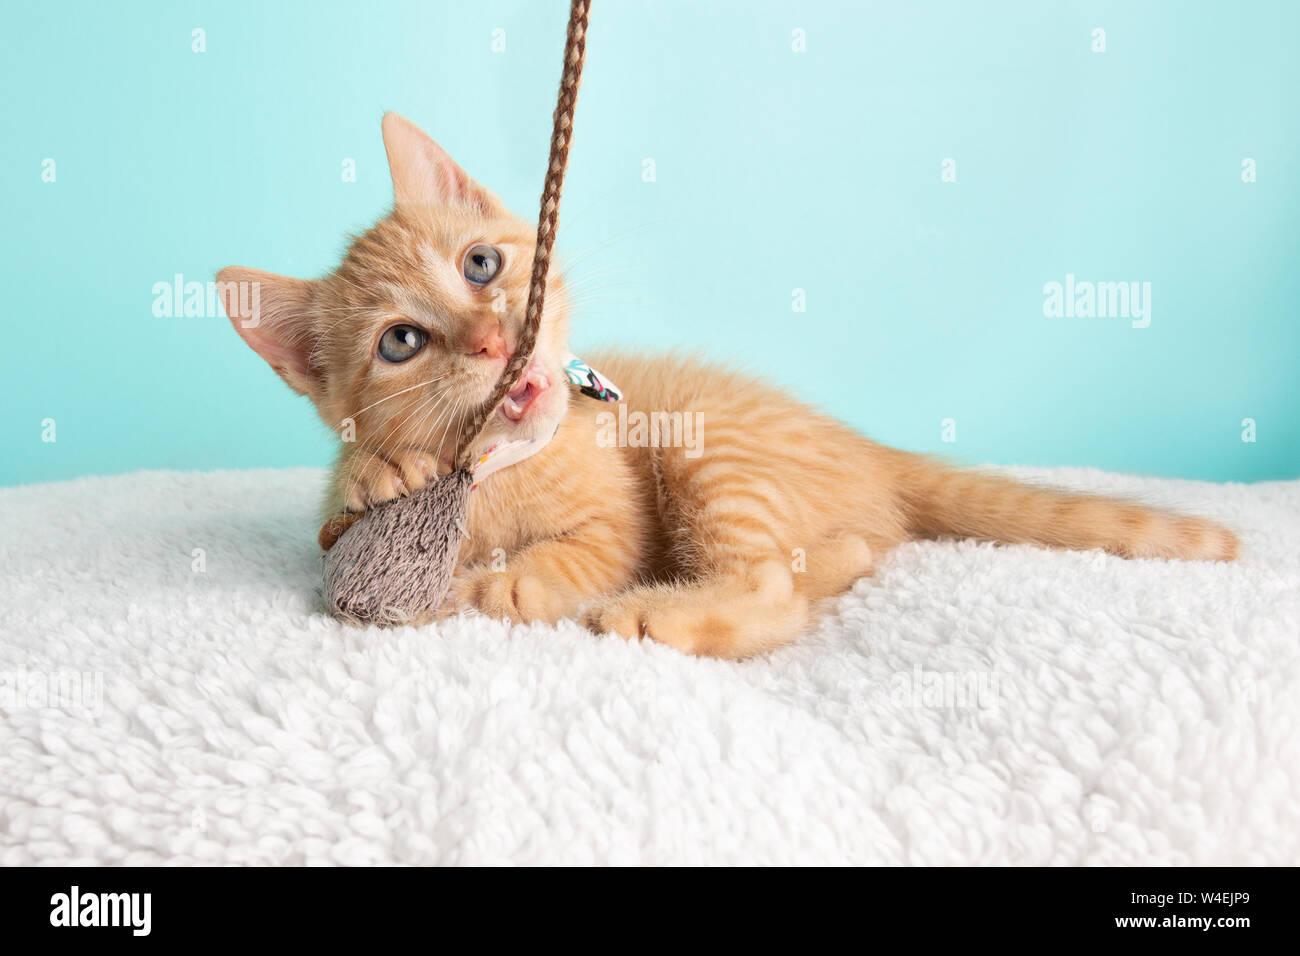 Jeune chat tabby Kitten Rescue Orange vêtu de blanc Noeud Papillon Fleur couchée à la mordre et en jouant de la souris et String jouet sur Blue Backgroun Banque D'Images